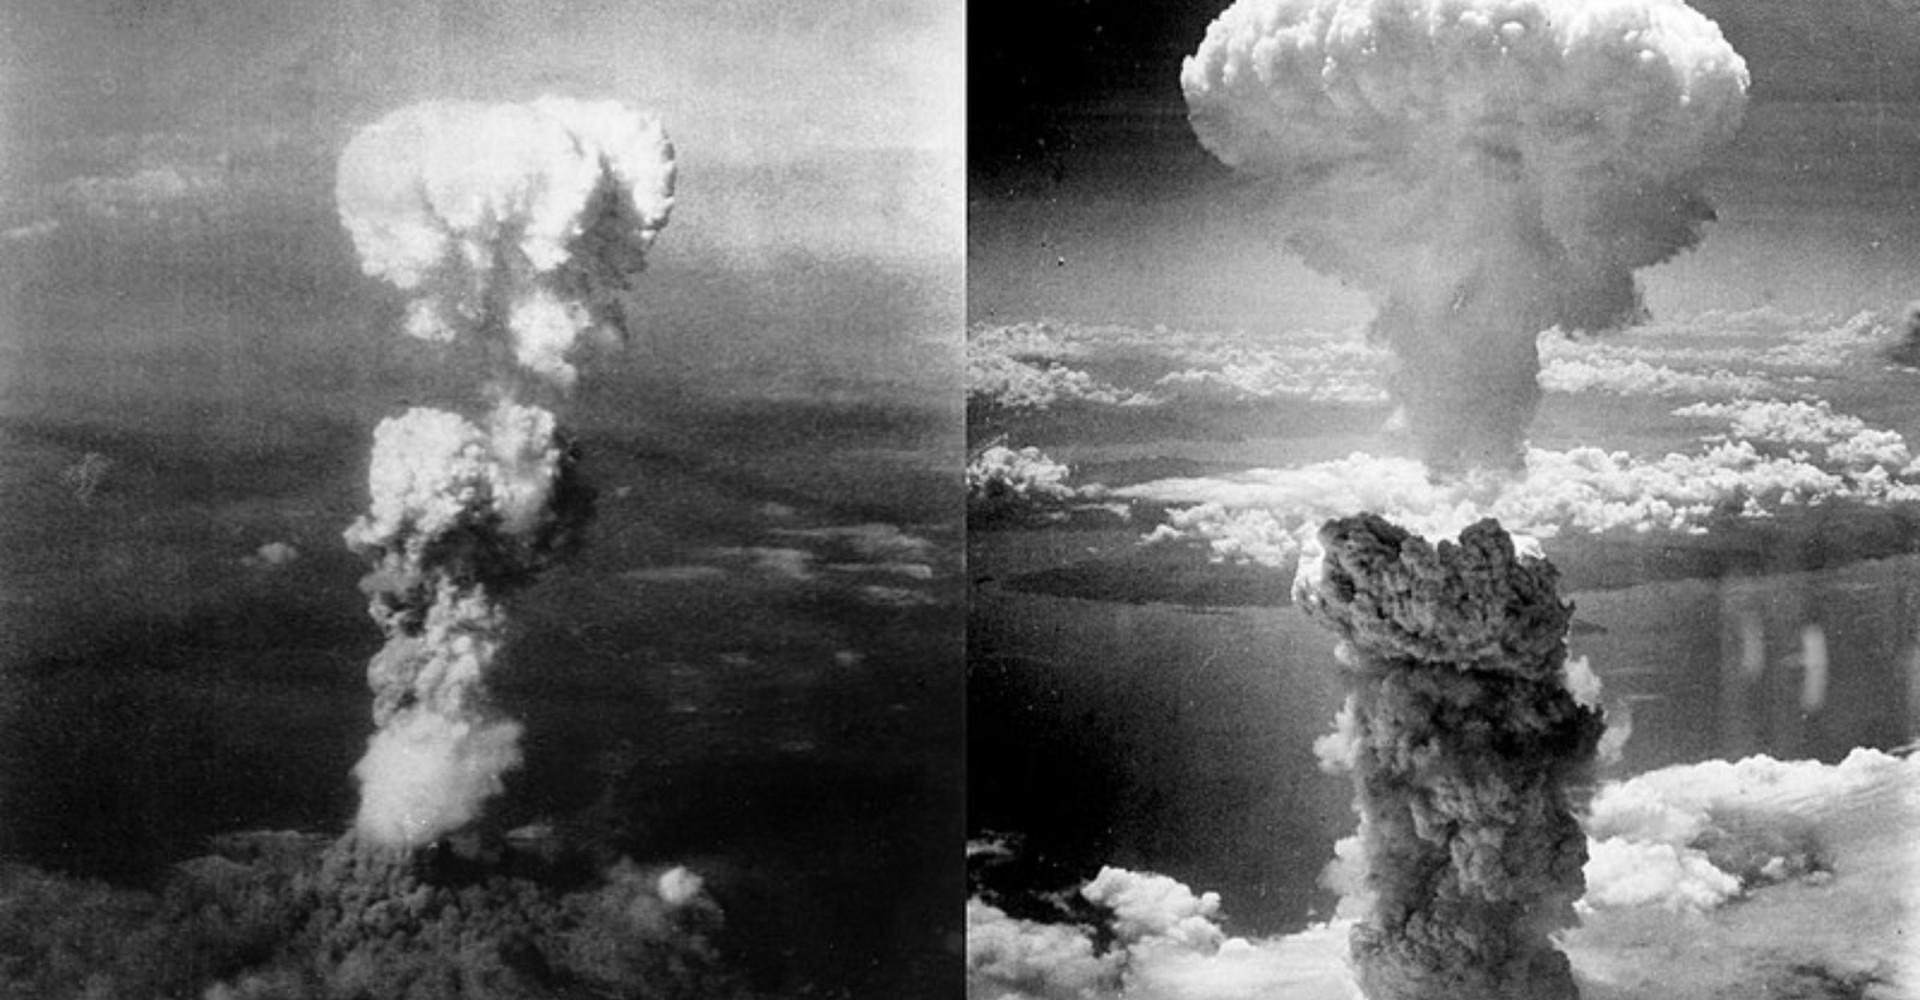 Historiens enda kärnvapenbombningar i krig: Nagasaki och Hiroshima